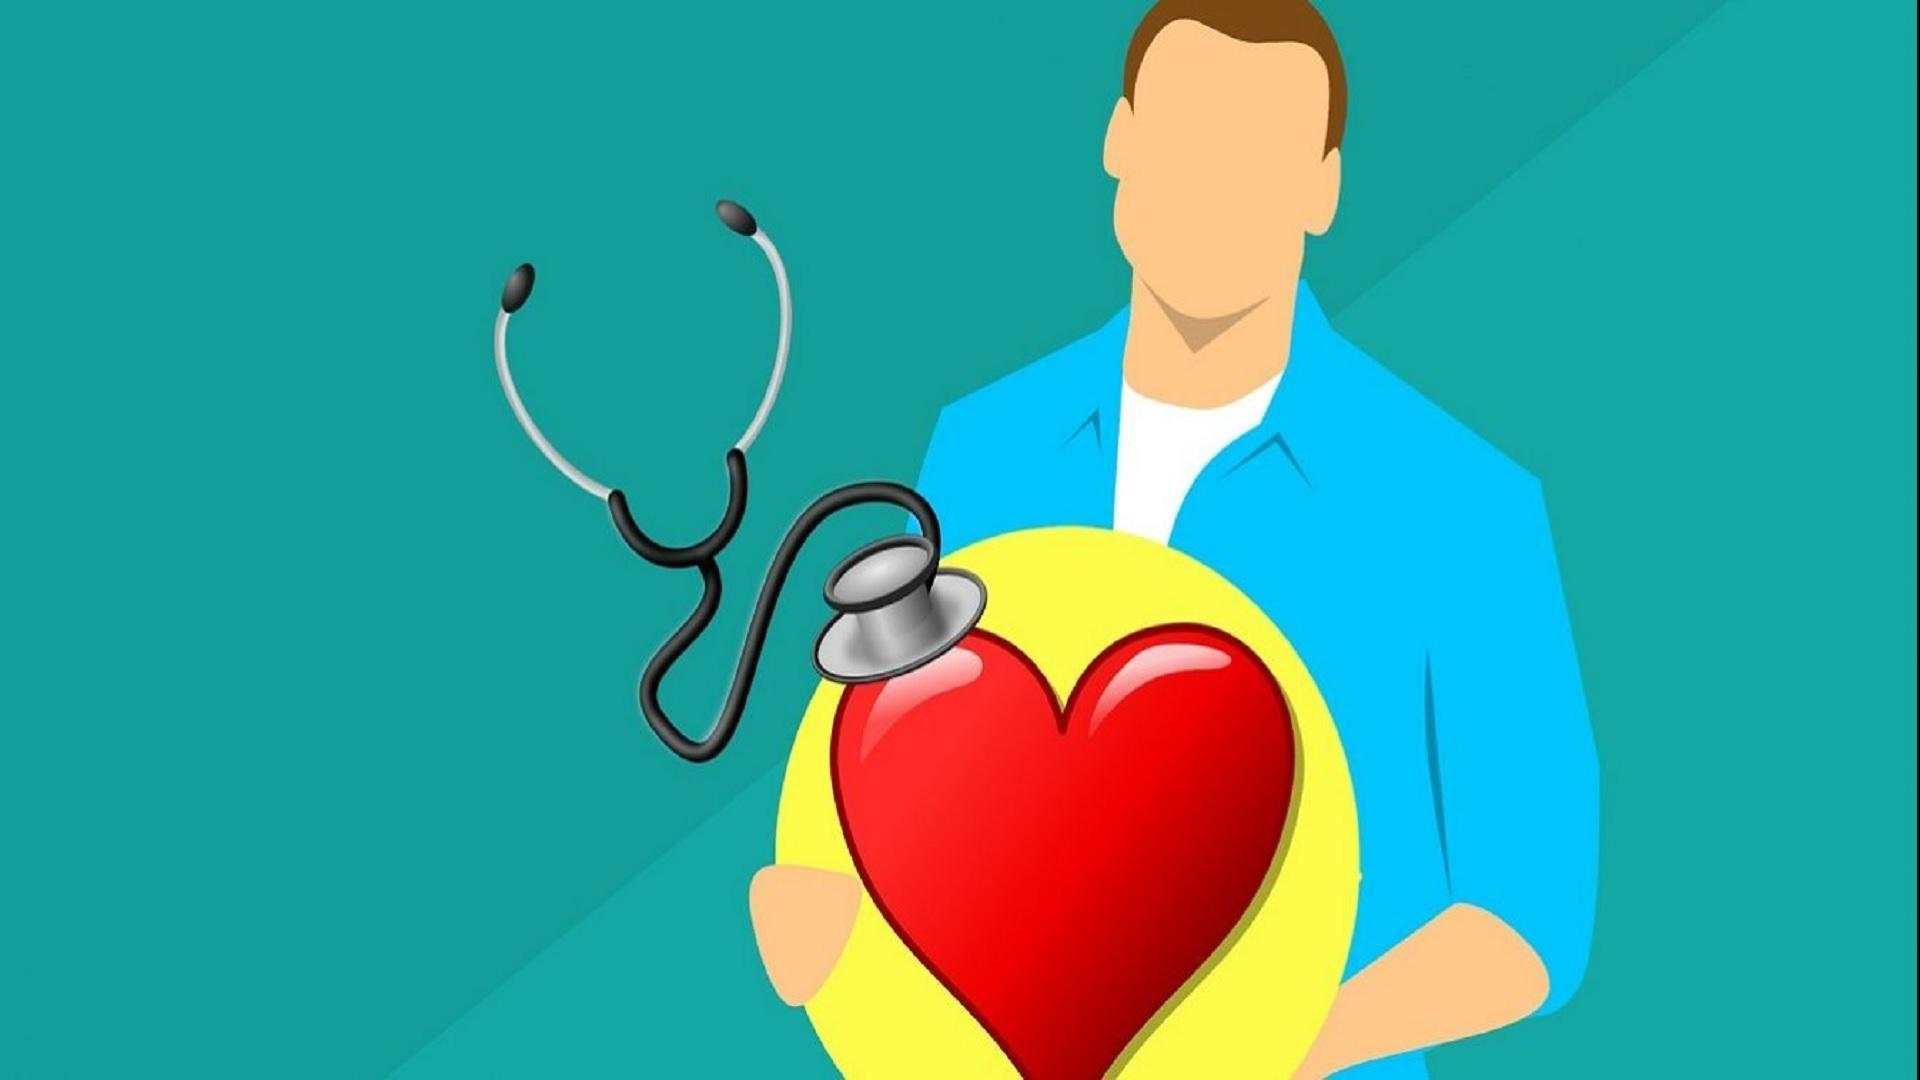 Νέα μελέτη για τη σχέση καρδιακής προσβολής και μετατραυματικού στρες